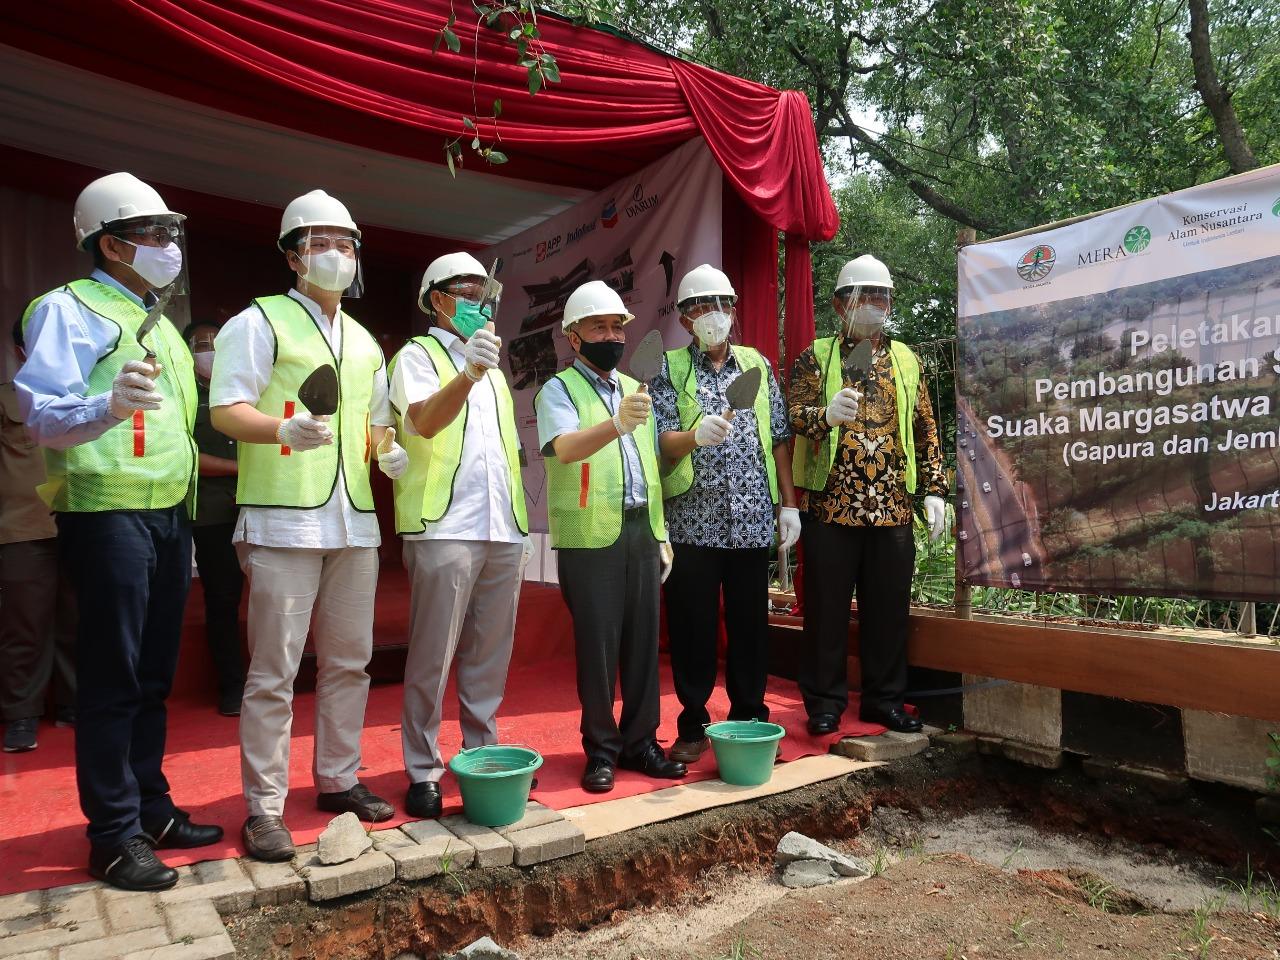 Peletakan Batu Pertama Pembangunan Sarana dan Prasarana Suaka Margasatwa Muara Angke Jakarta